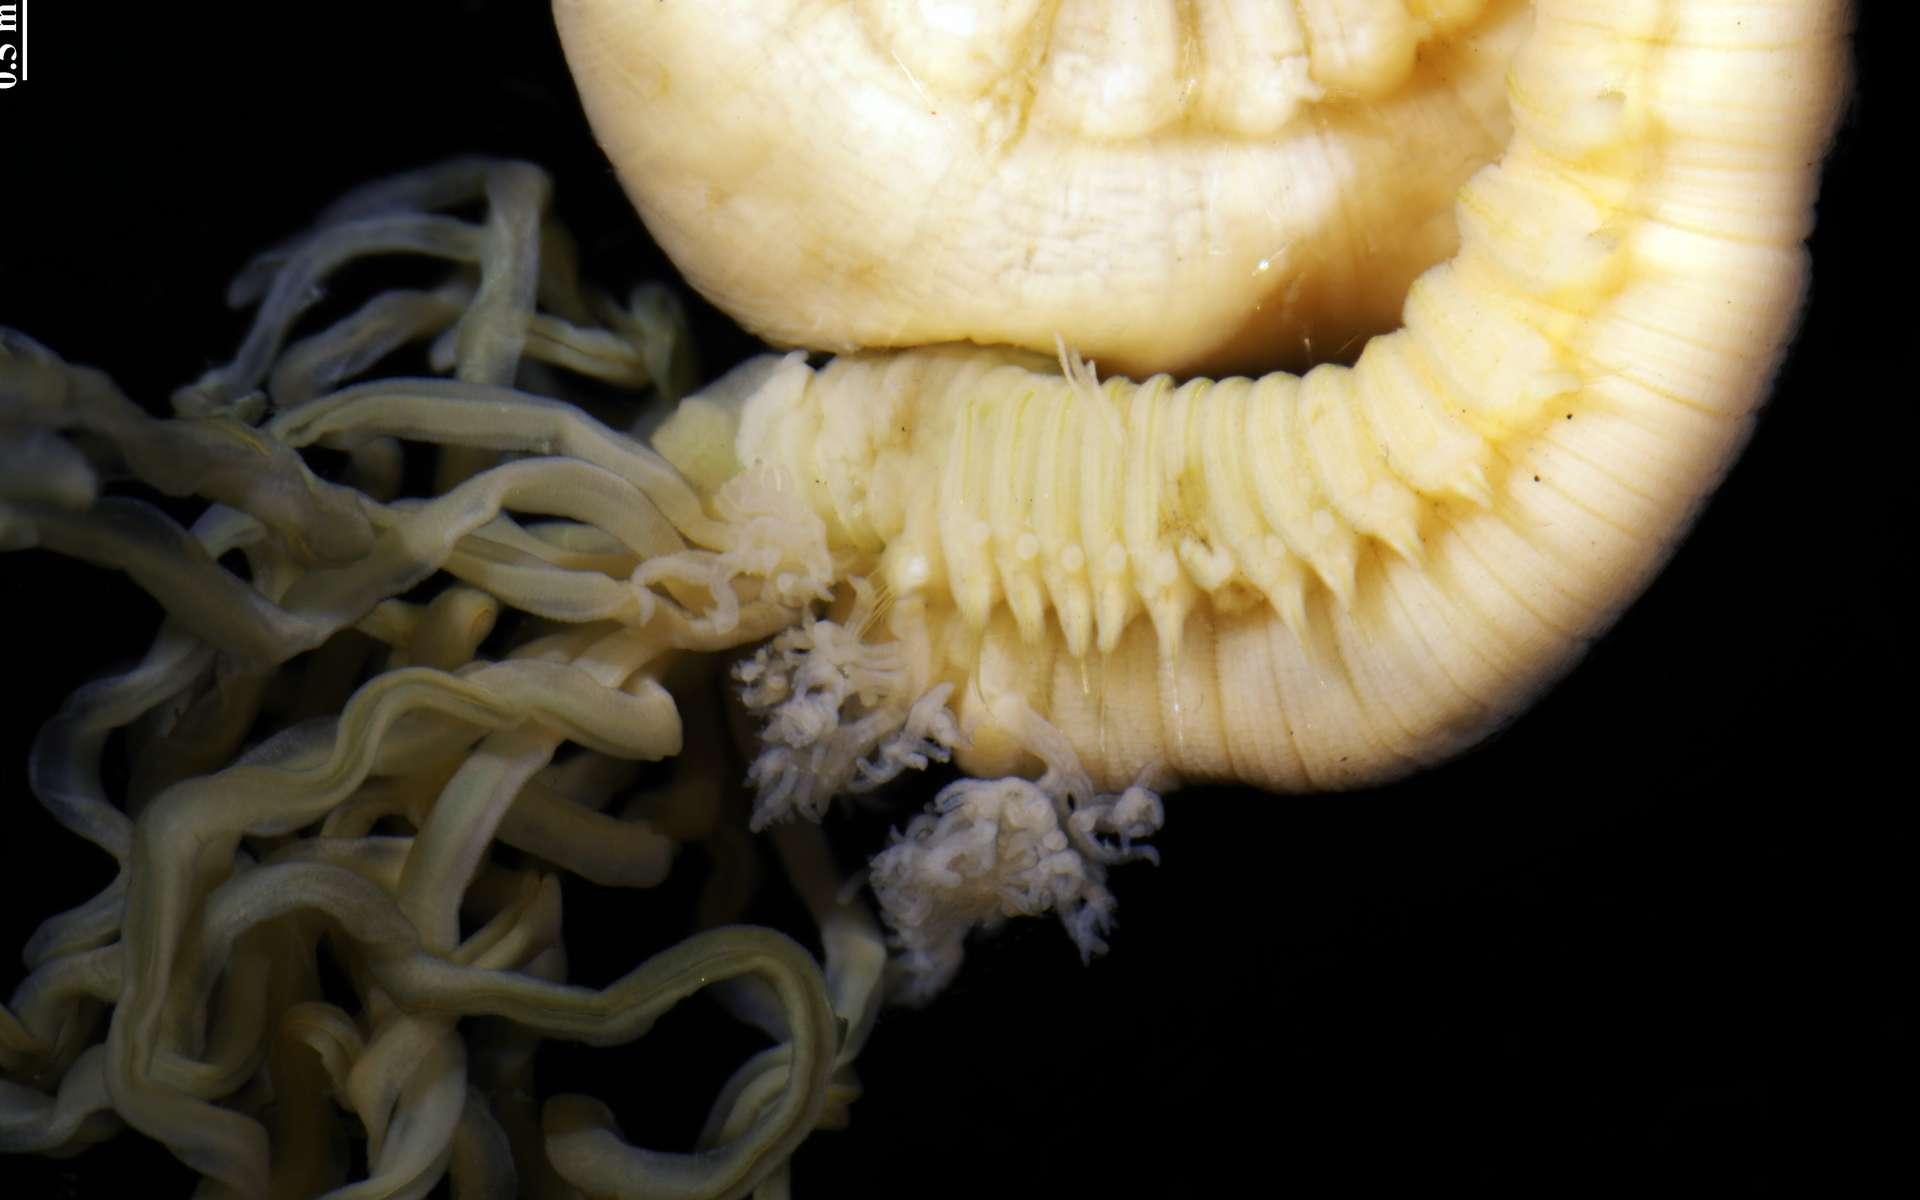 Les tentacules buccaux de Terebella banksyi sont bien visibles et représentent bien ce qu'est un ver spaghetti. © Nicolas Lavesque